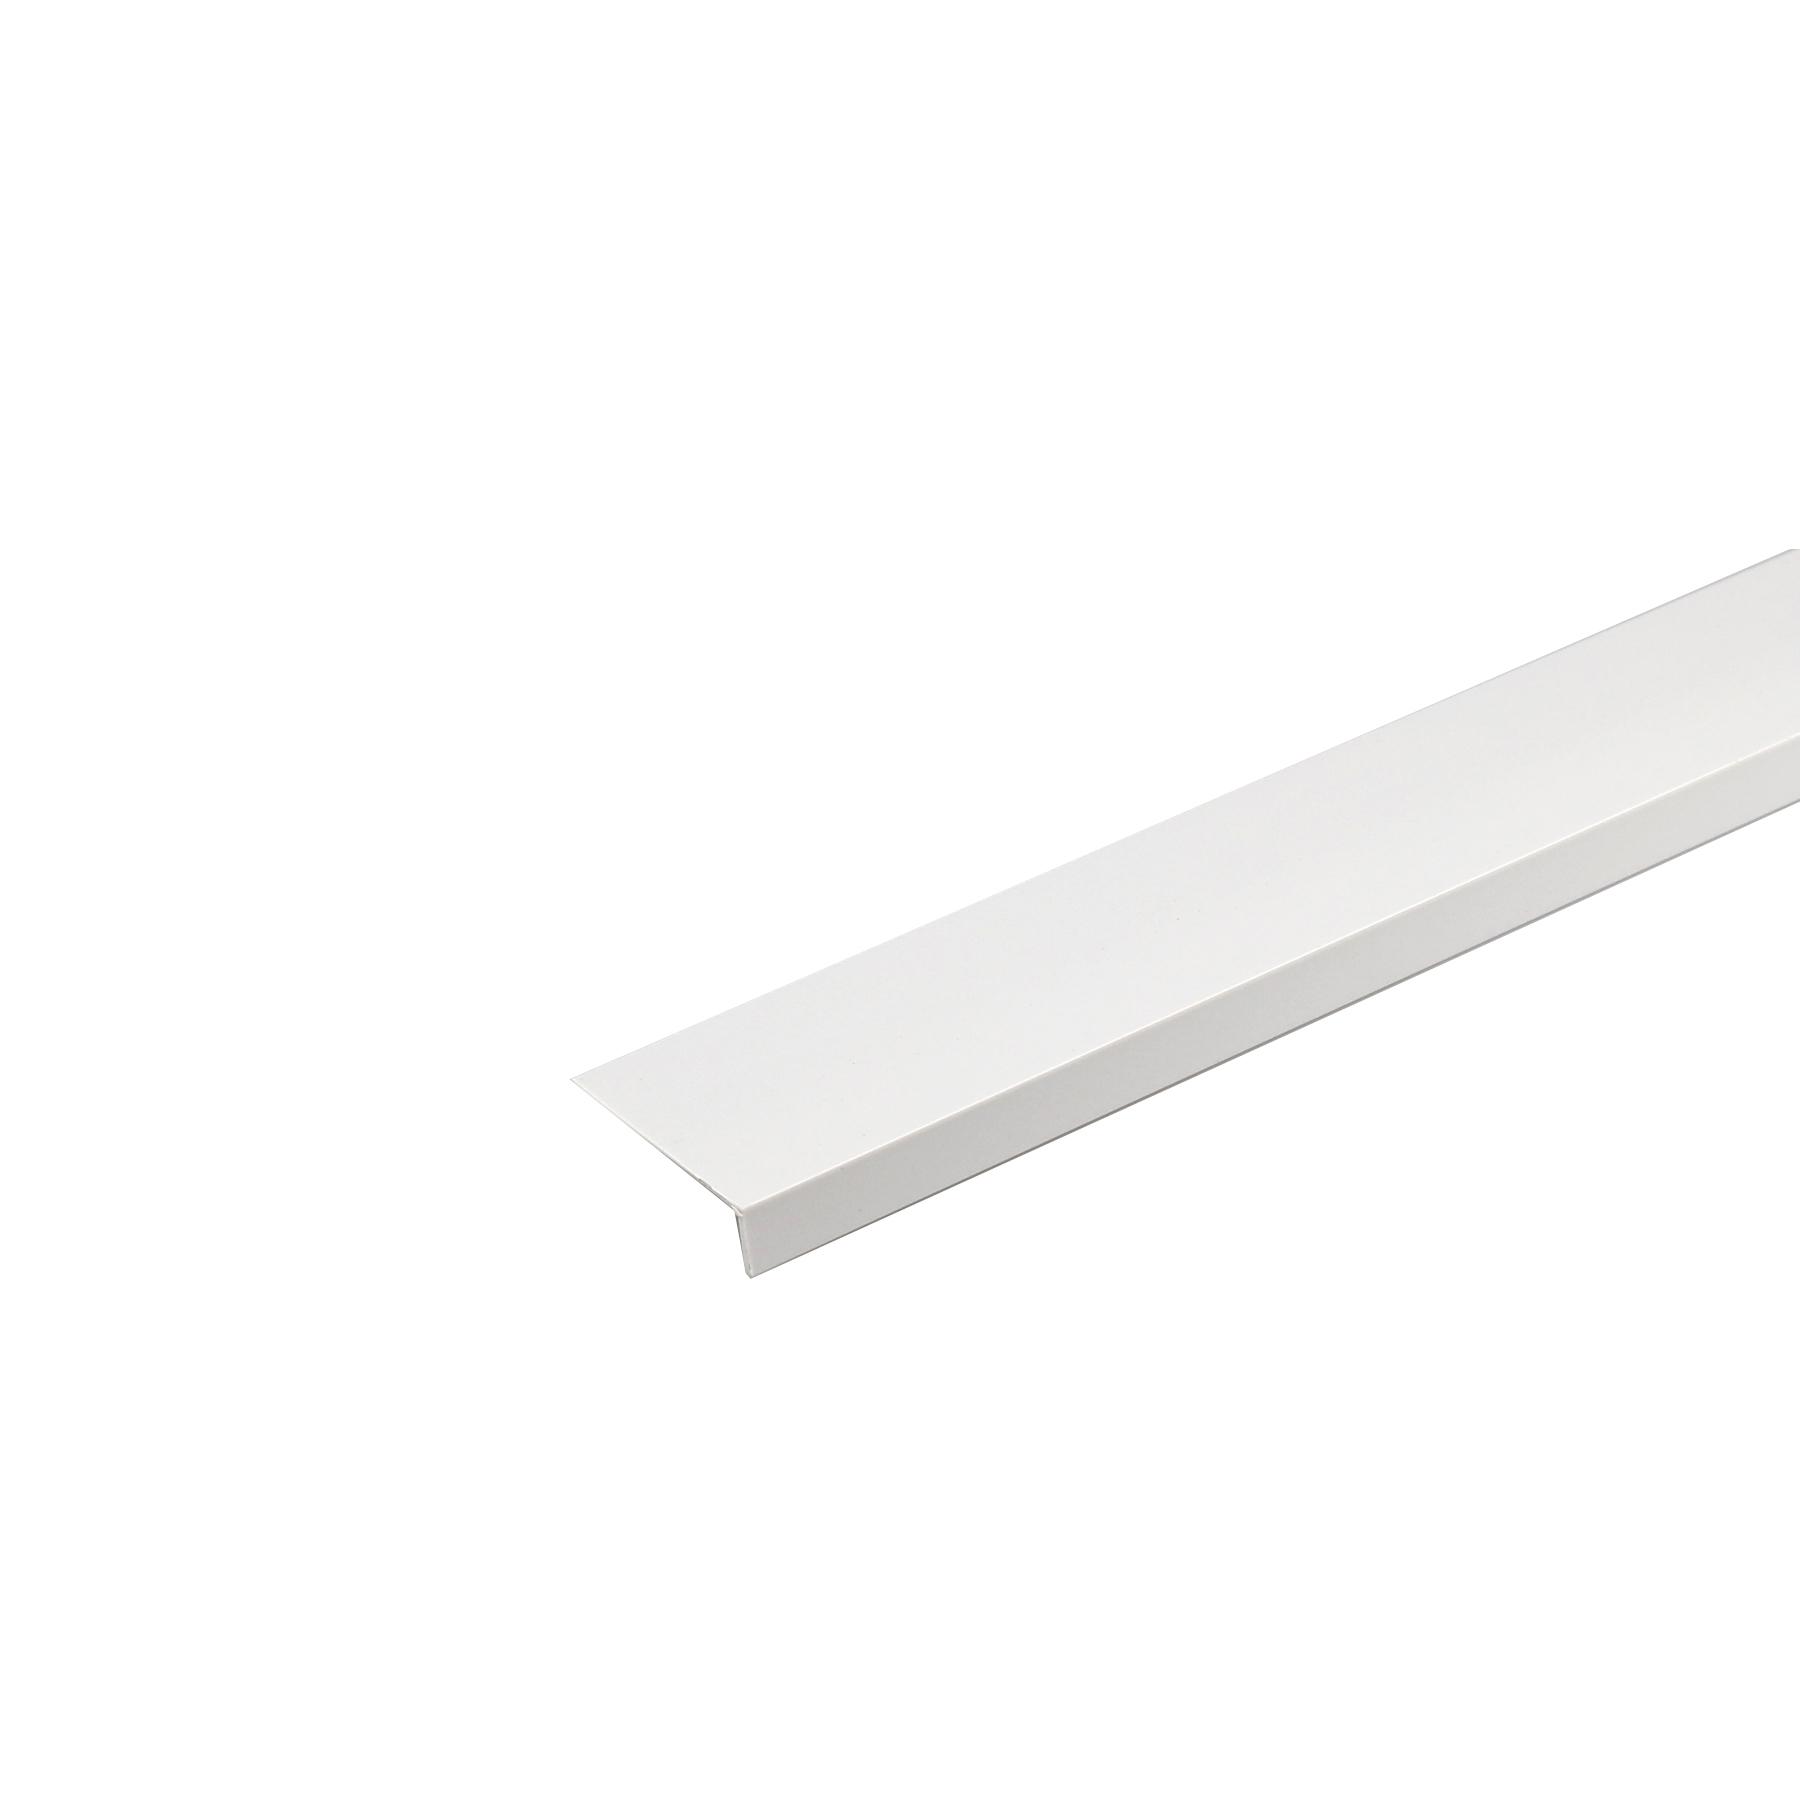 Perfil Quadrado PVC Porcelana 1mx1cm